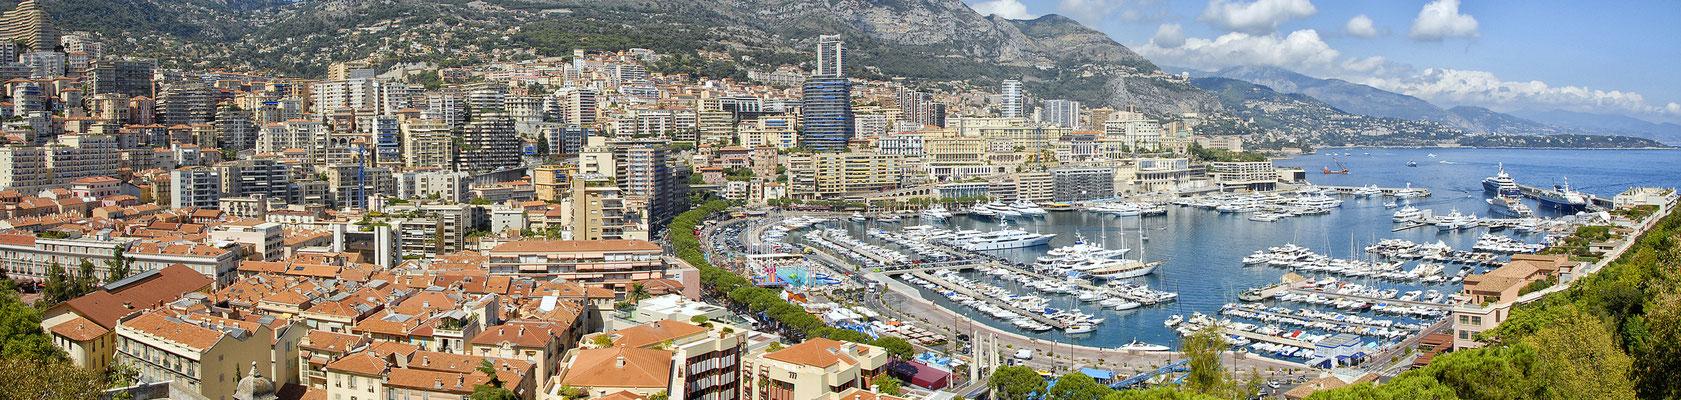 Zicht op de jachthaven van Monte Carlo